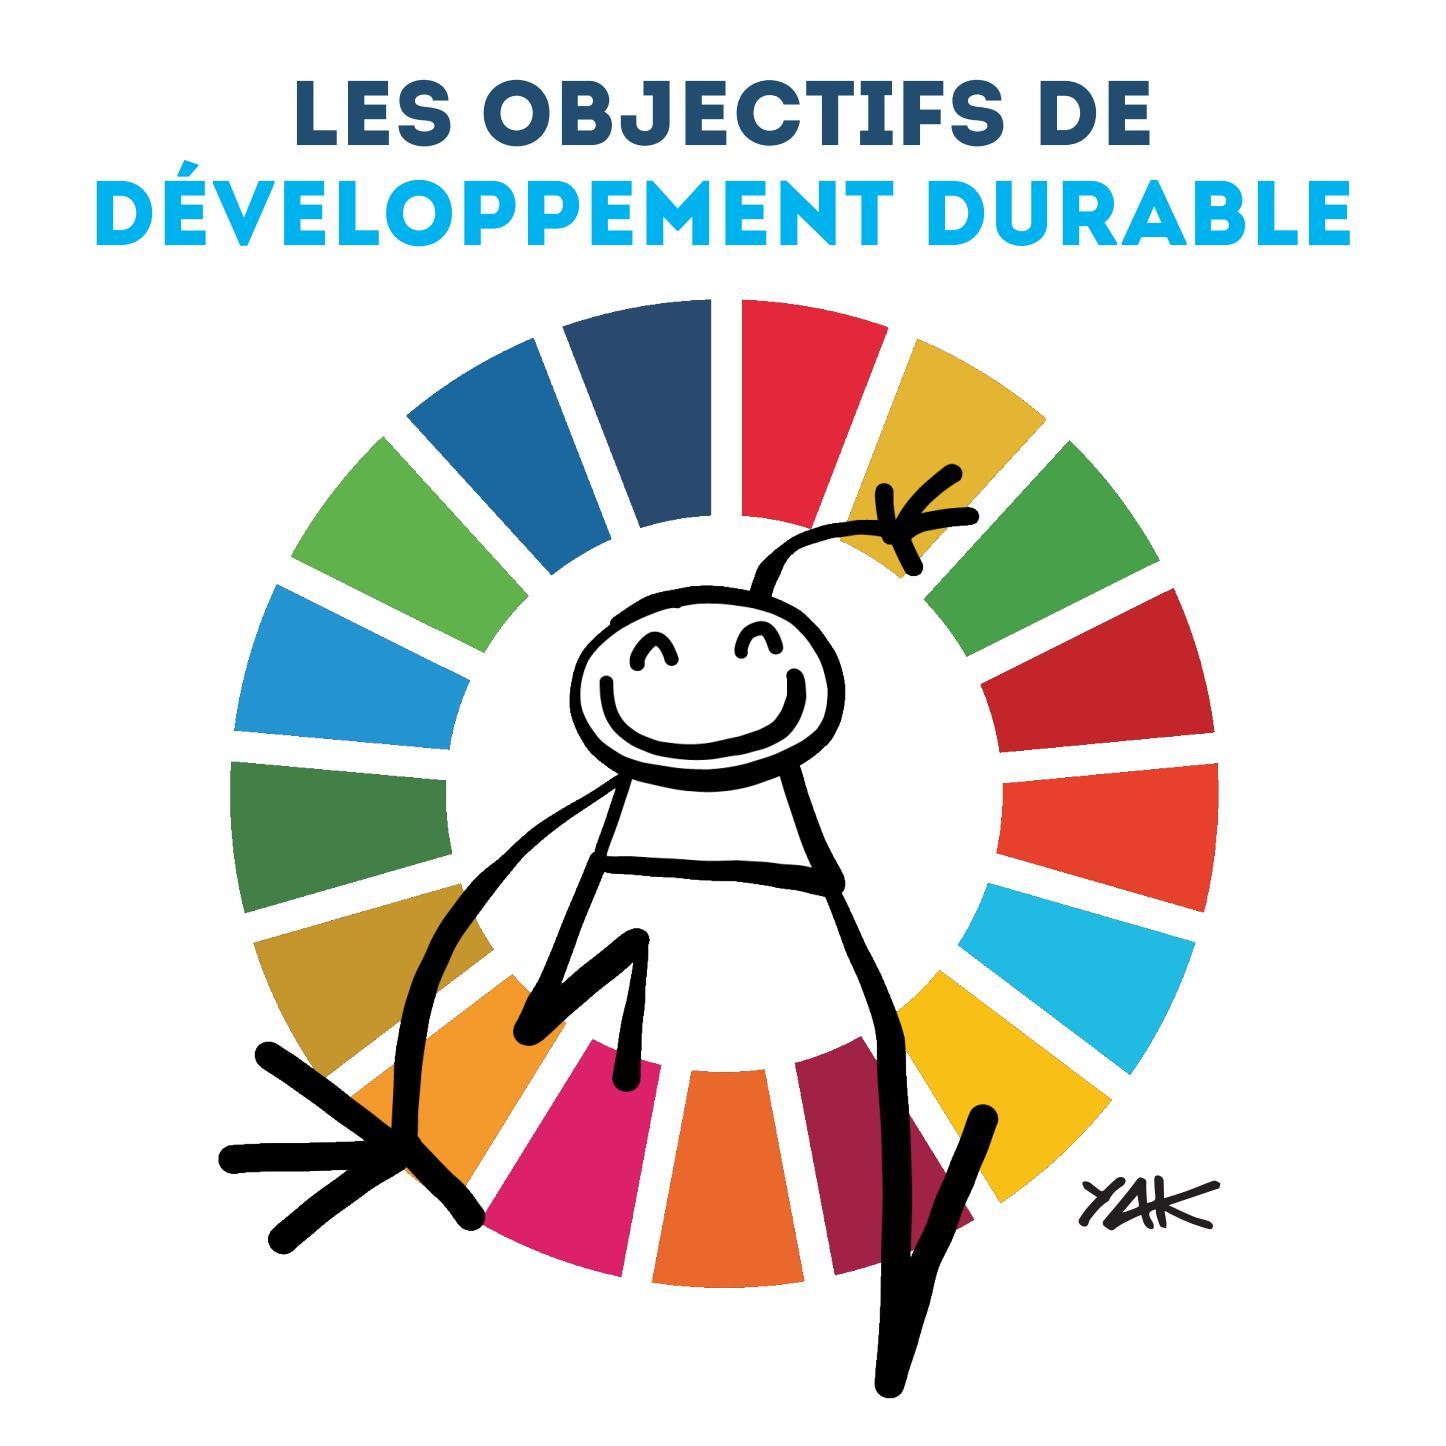 initiatives du developpement durable